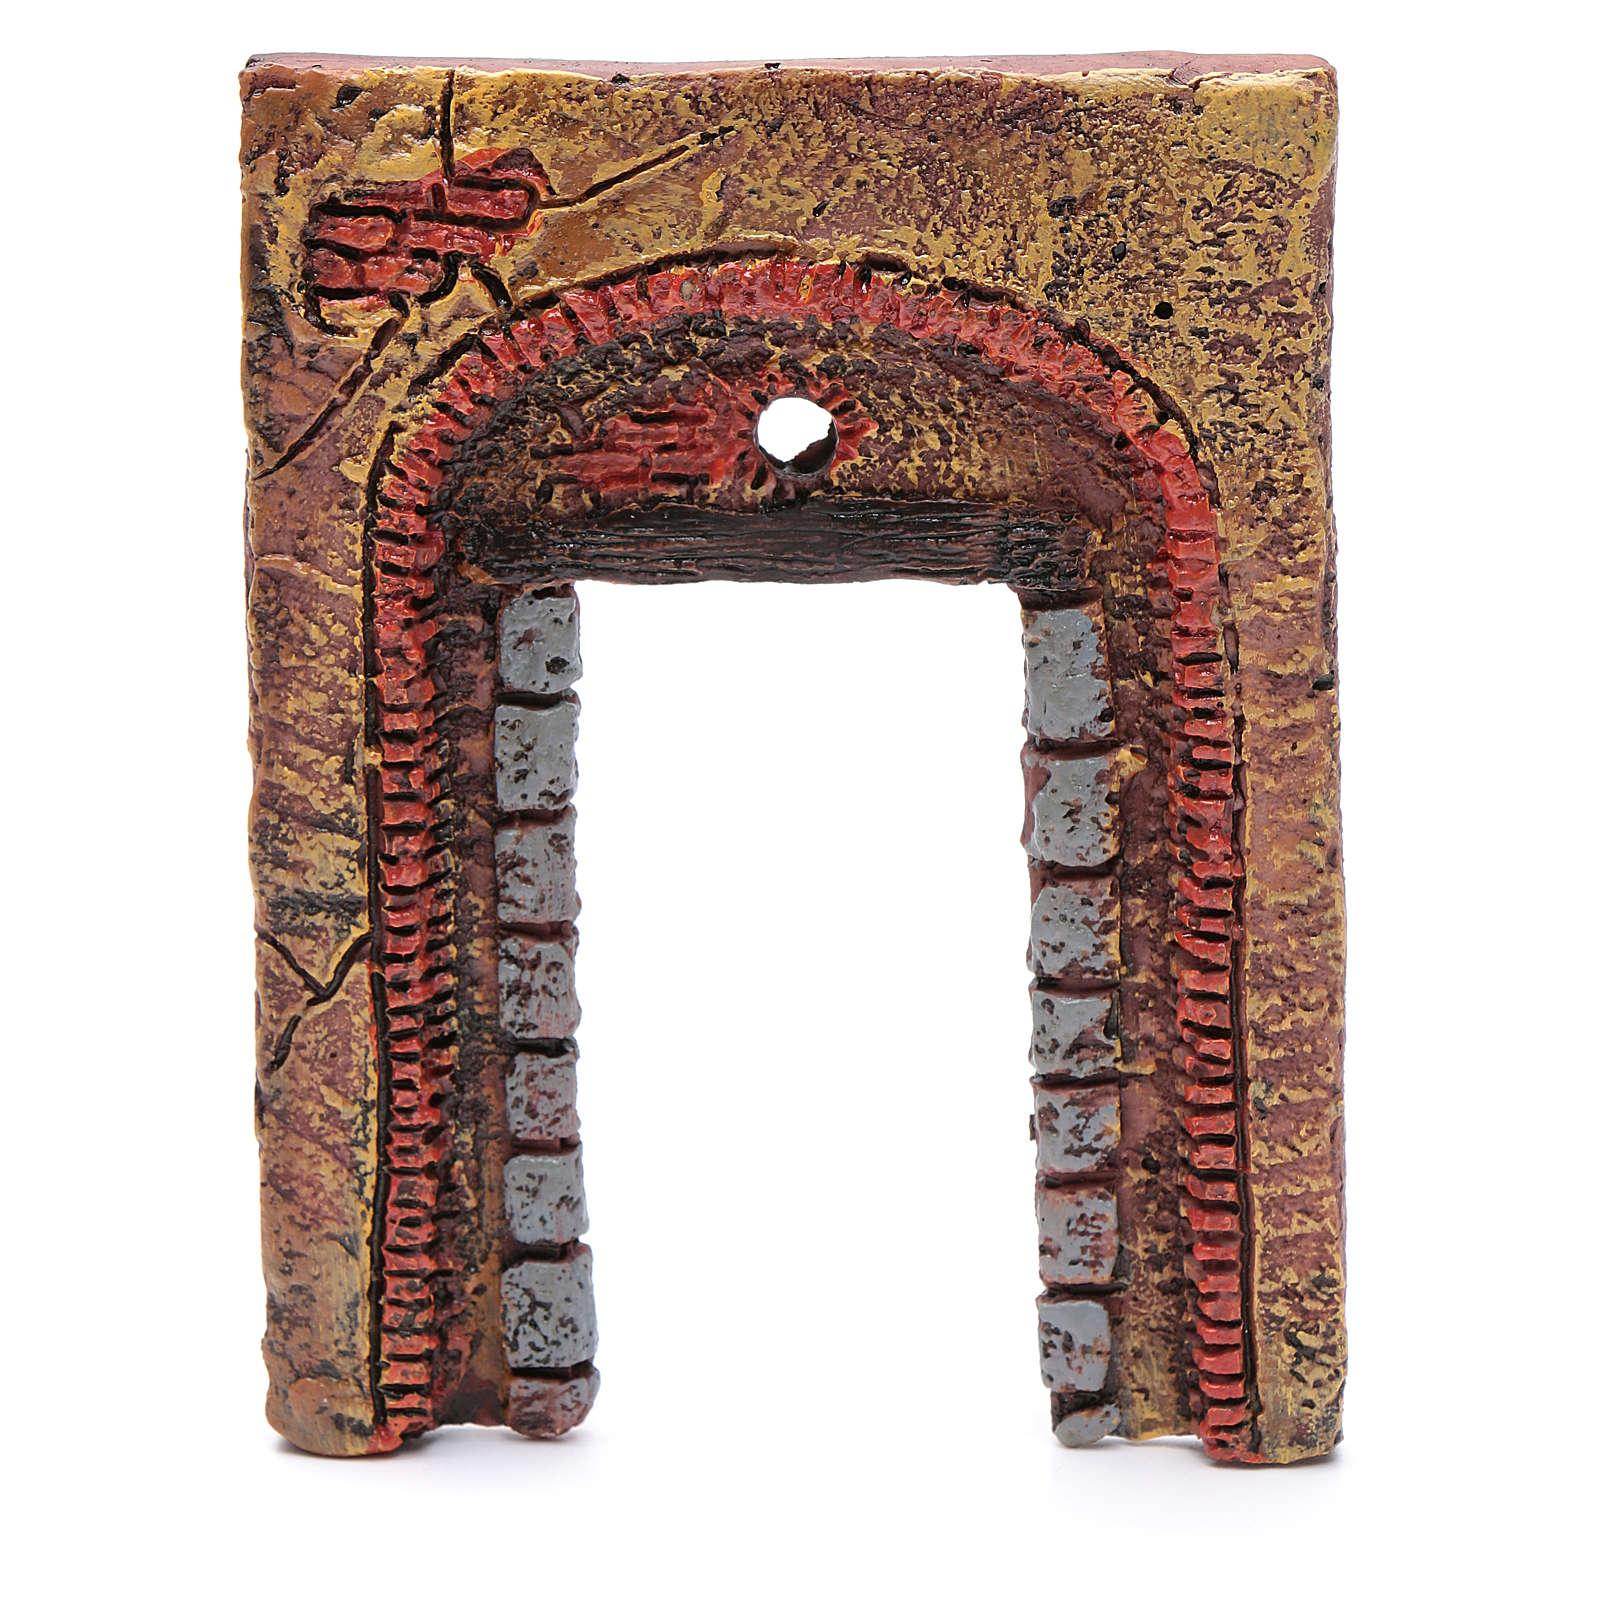 Mur avec entrée et croix 13,20x9 cm pour crèche 4